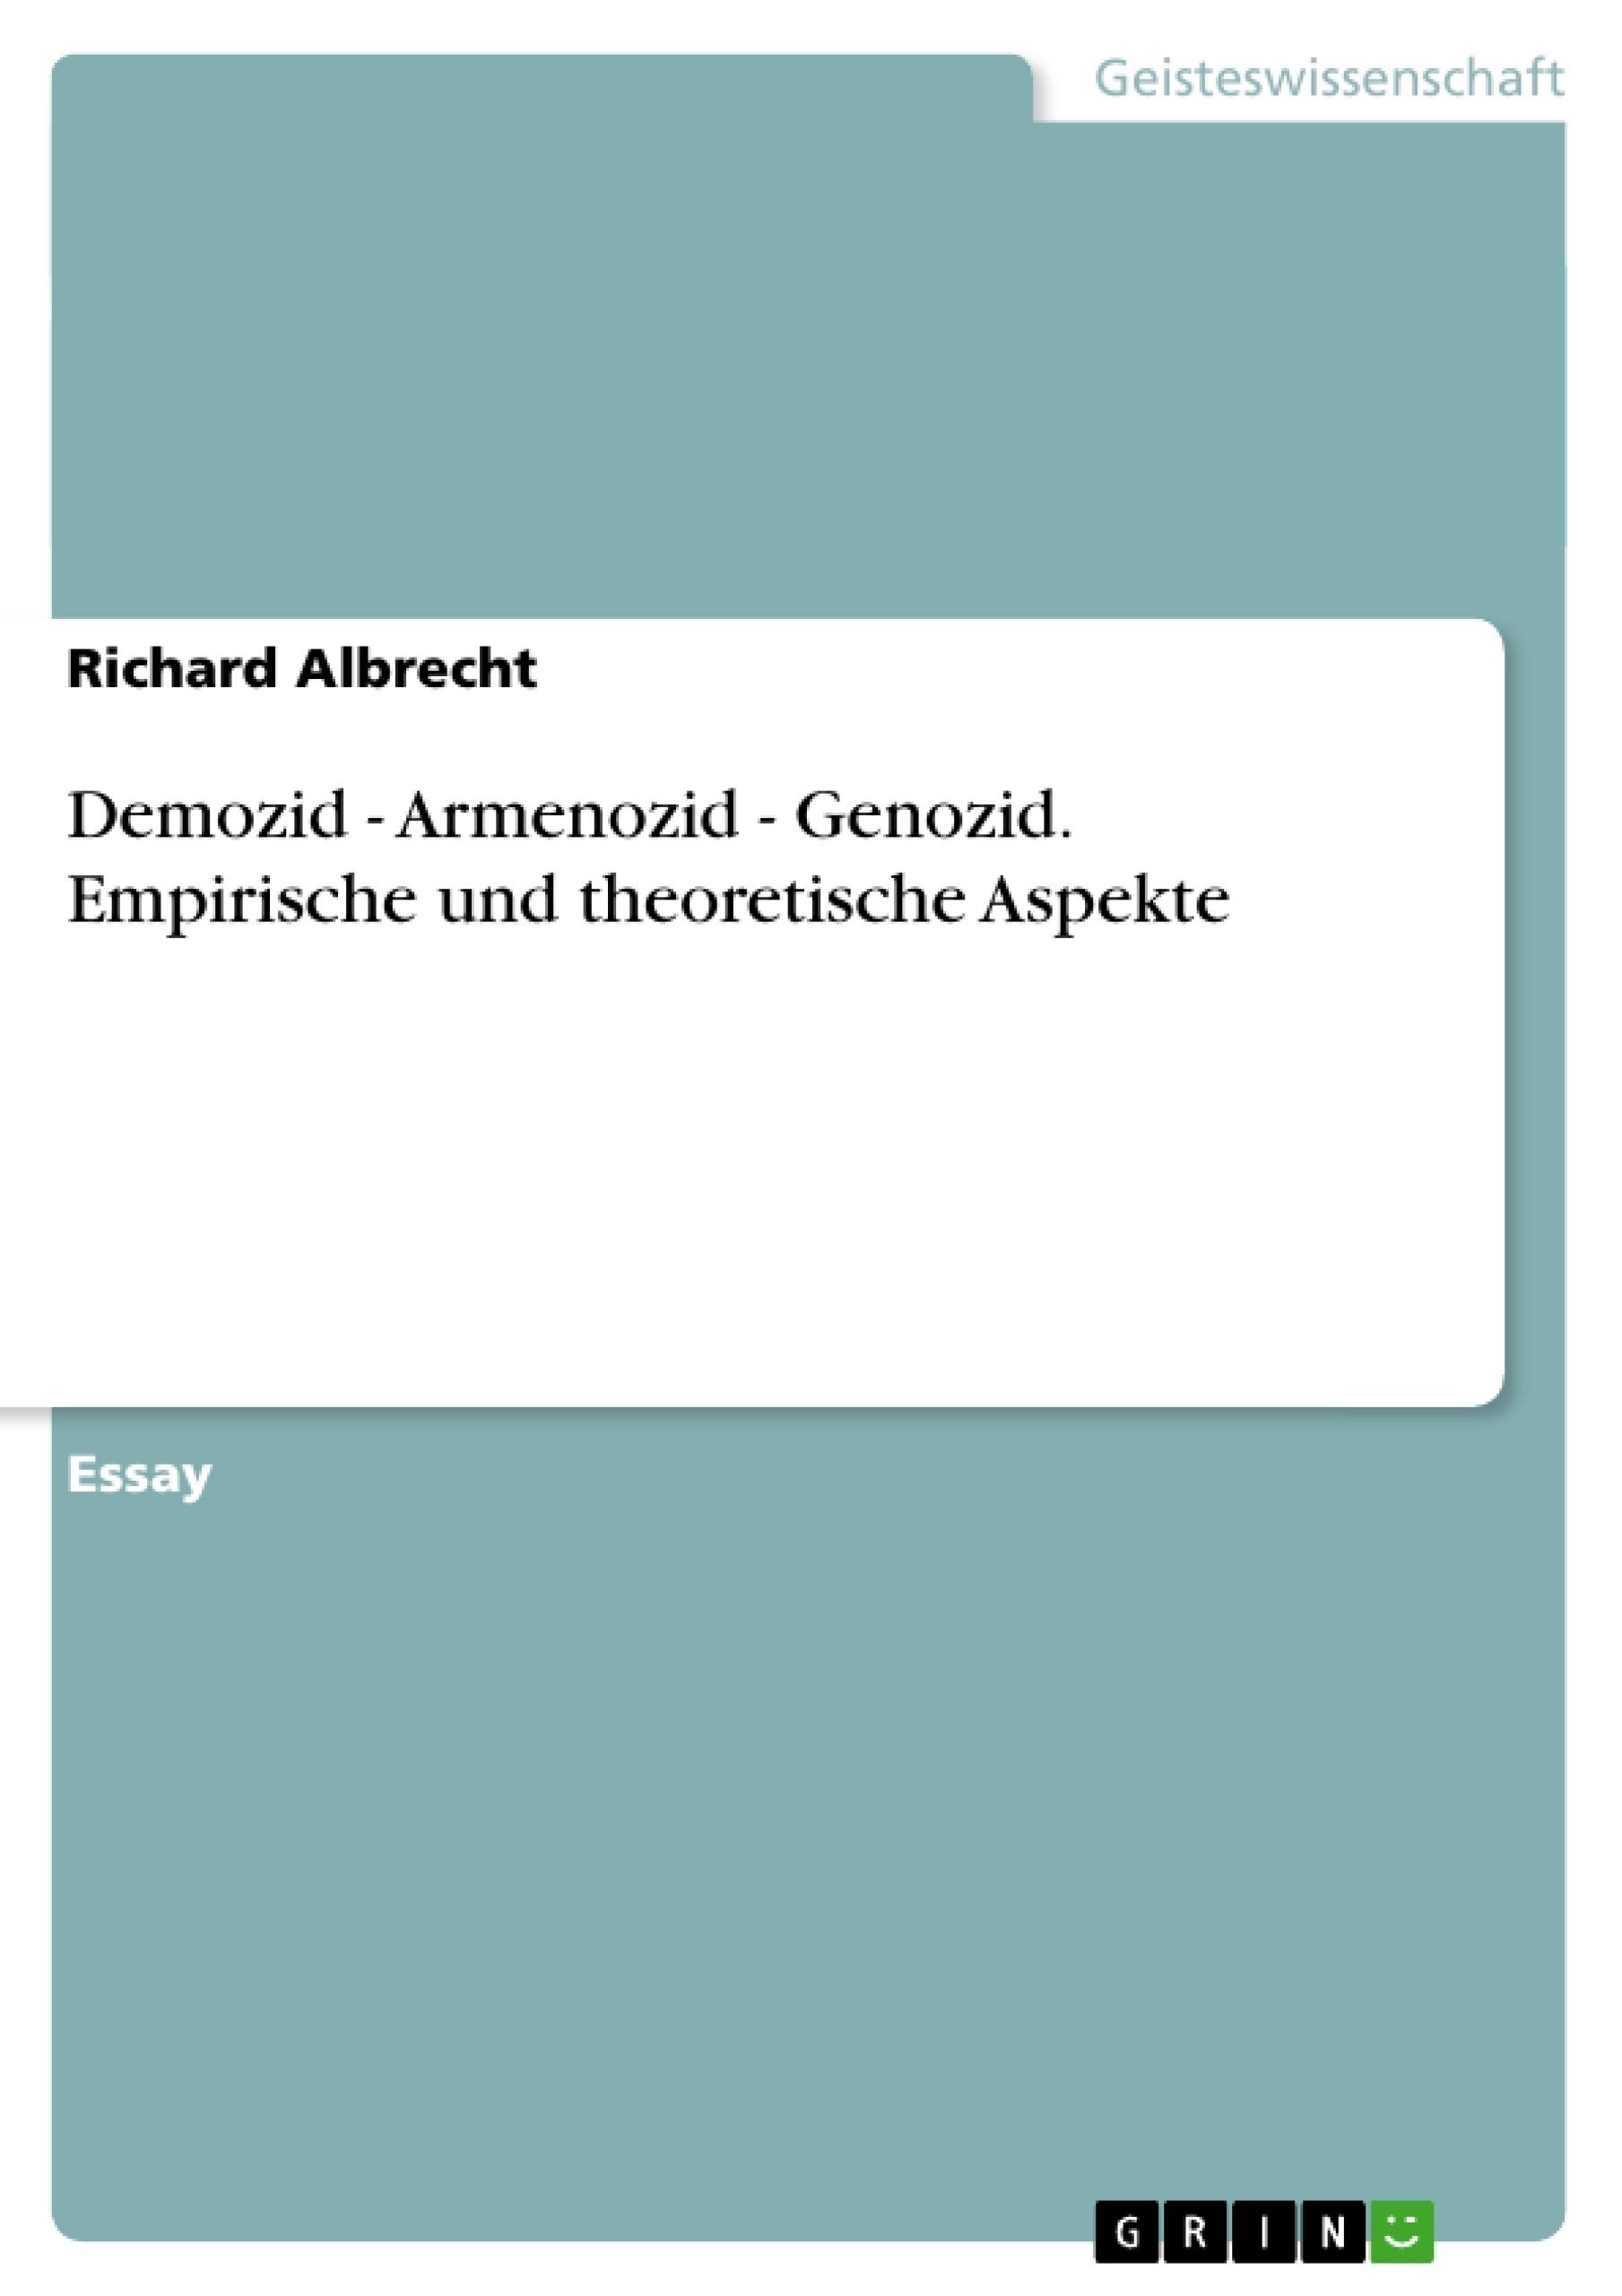 Titel: Demozid - Armenozid - Genozid. Empirische und theoretische Aspekte